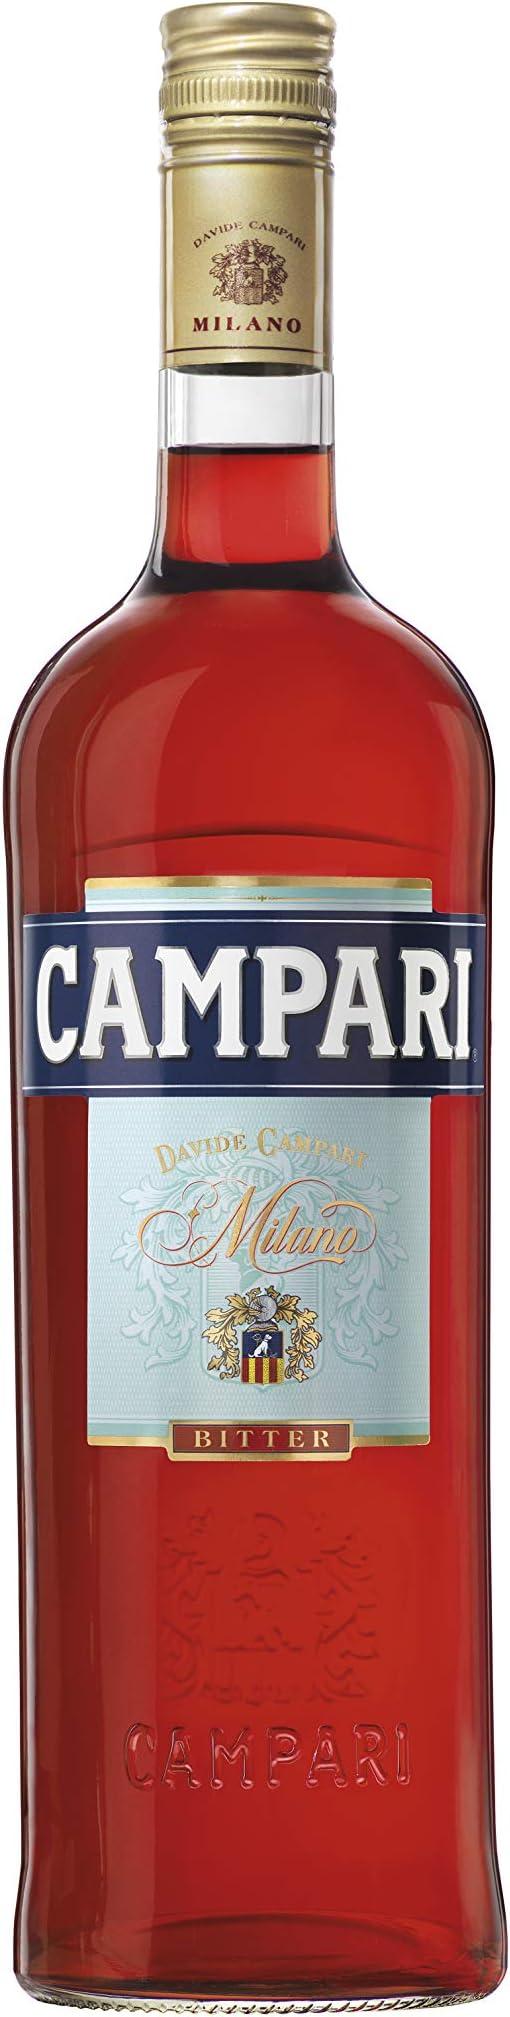 Campari bitter ml.1000 CAMP10